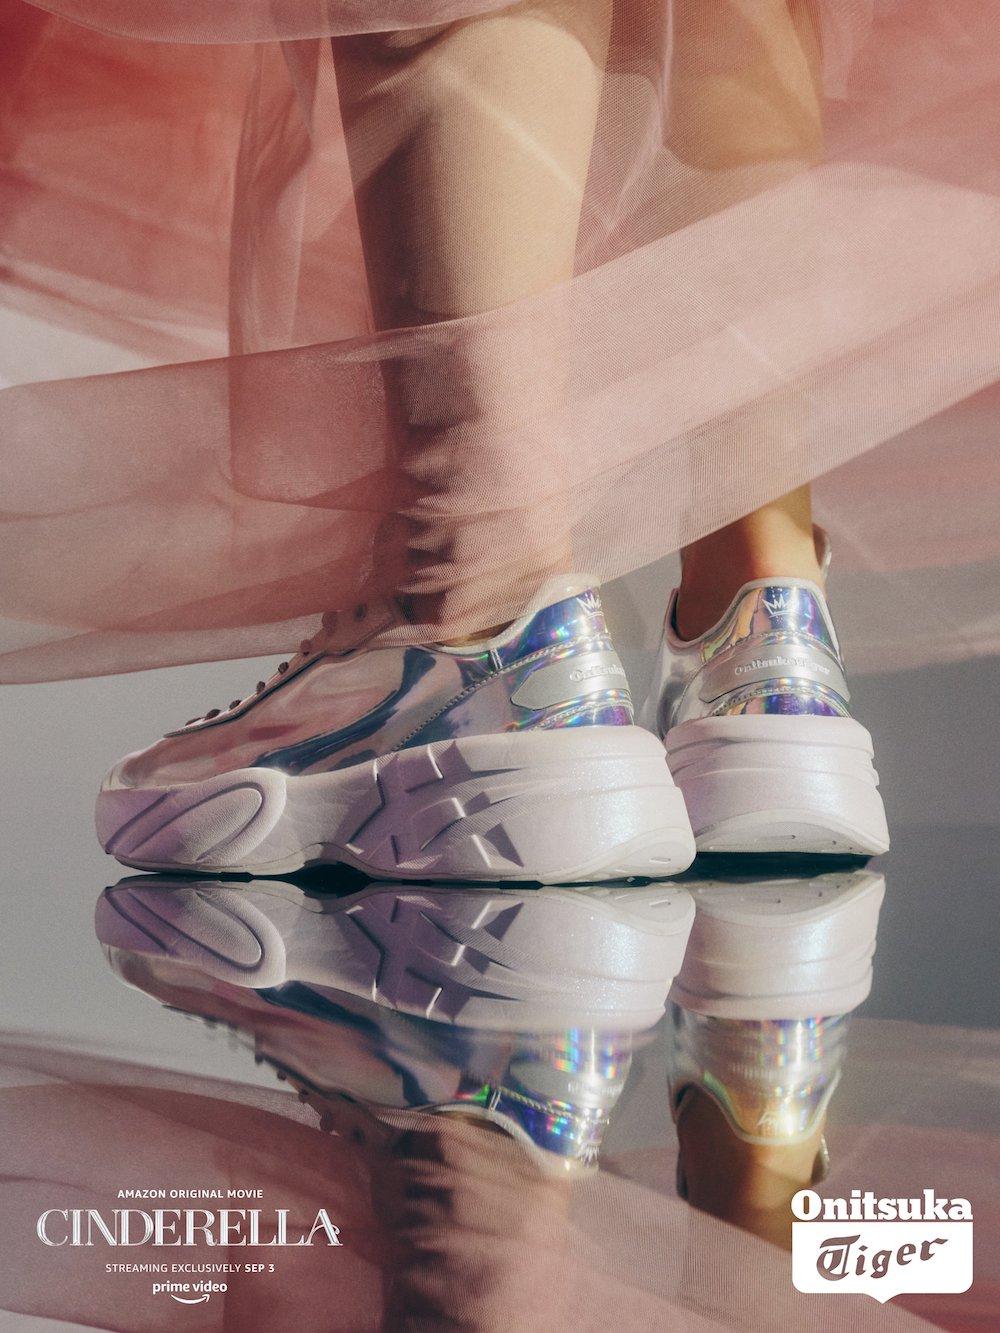 Onitsuka Tiger x Cinderella ra mắt mẫu giày sneaker phiên bản giới hạn